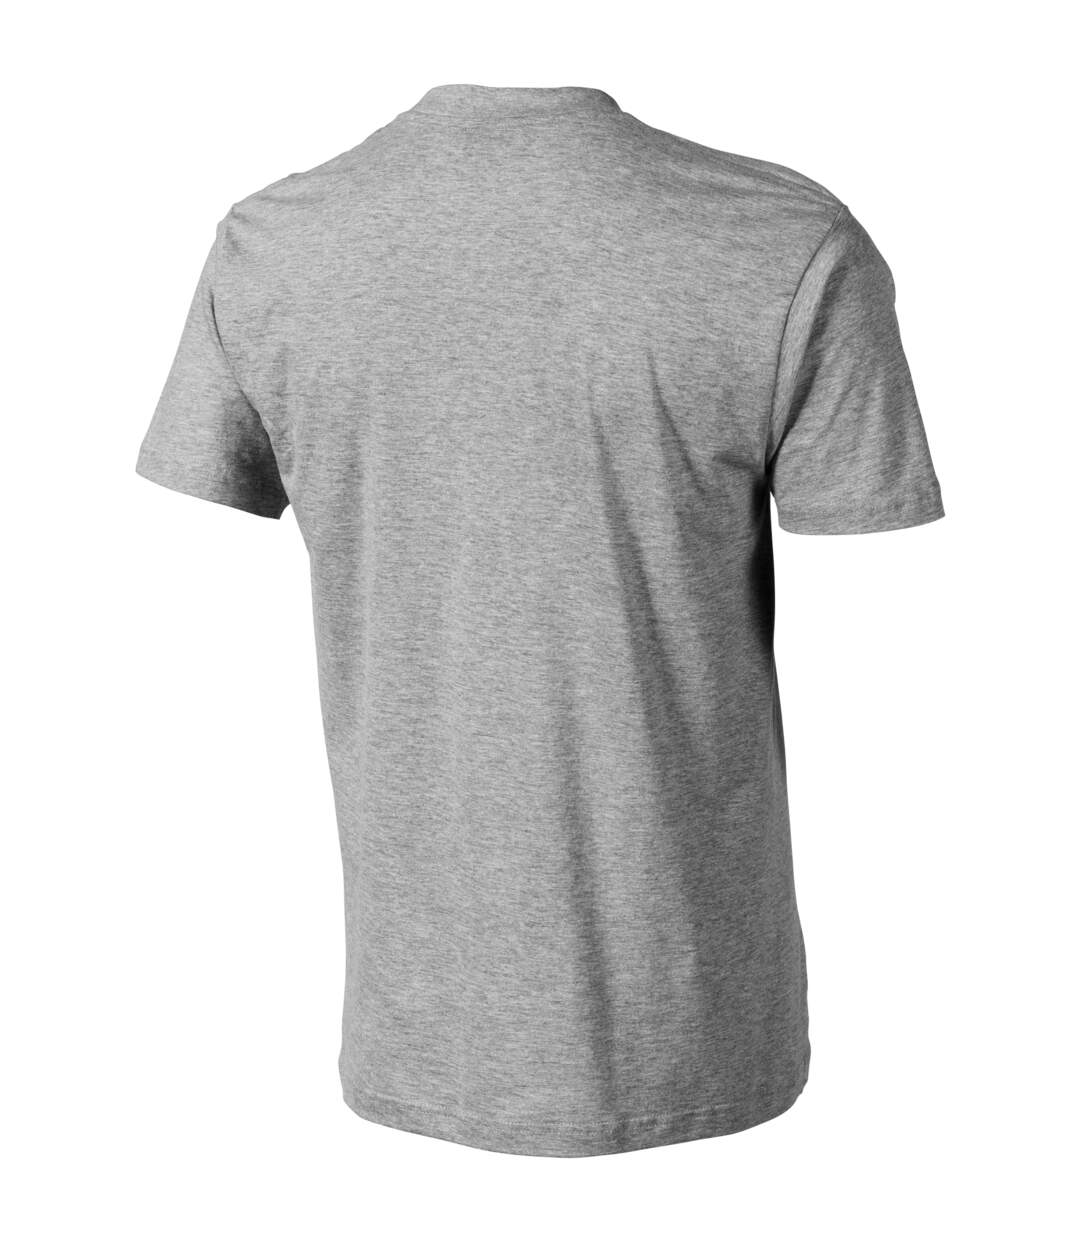 Slazenger Mens Return Ace Short Sleeve T-Shirt (Grey Melange) - UTPF1804